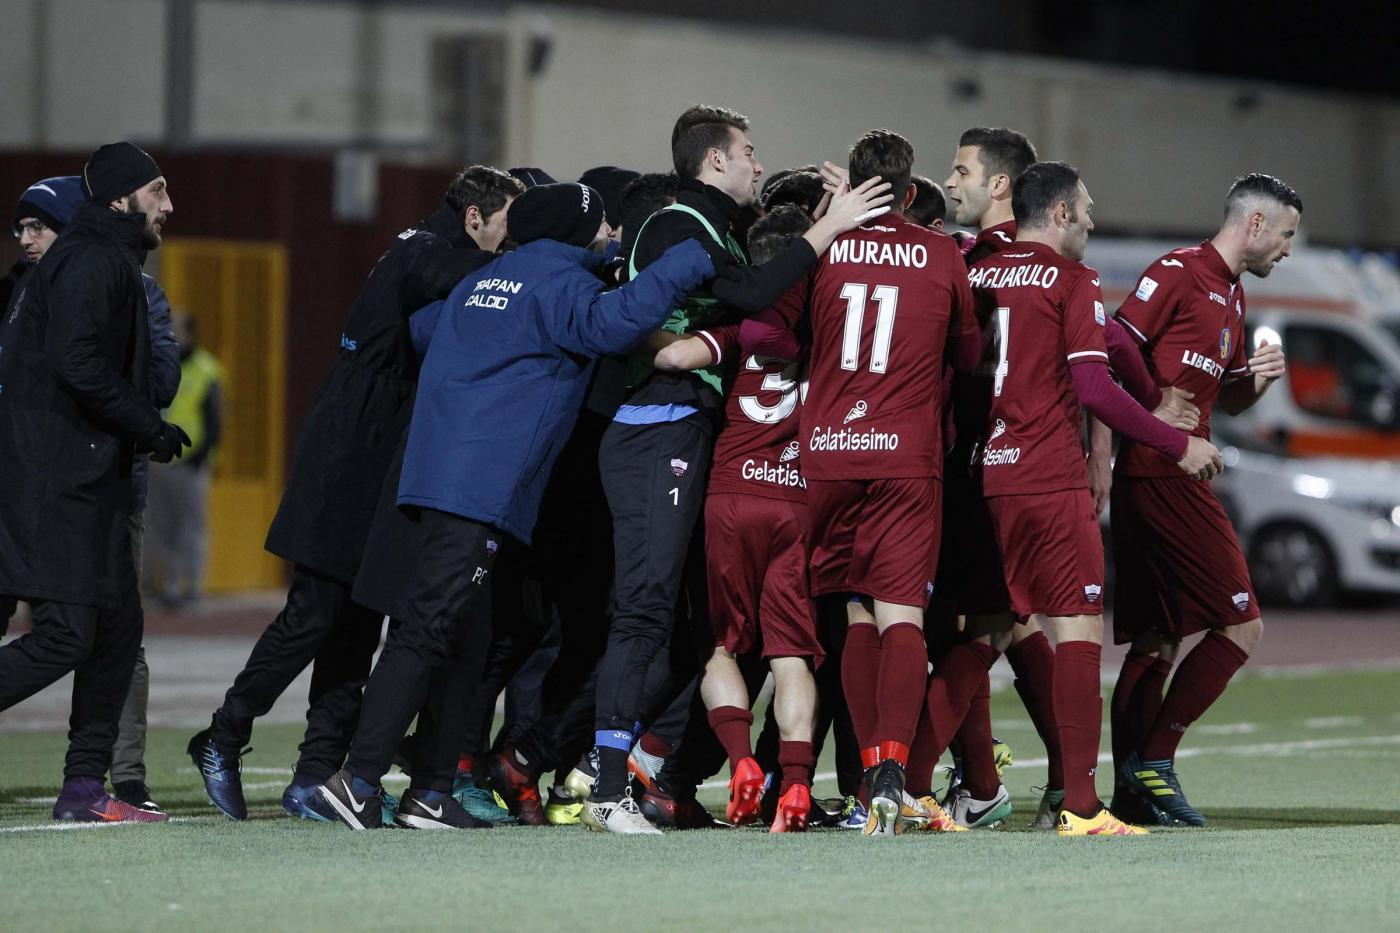 Catania-Trapani 16 ottobre: match del gruppo C della Serie C. Derby siciliano tra 2 delle candidate alla promozione in Serie B.